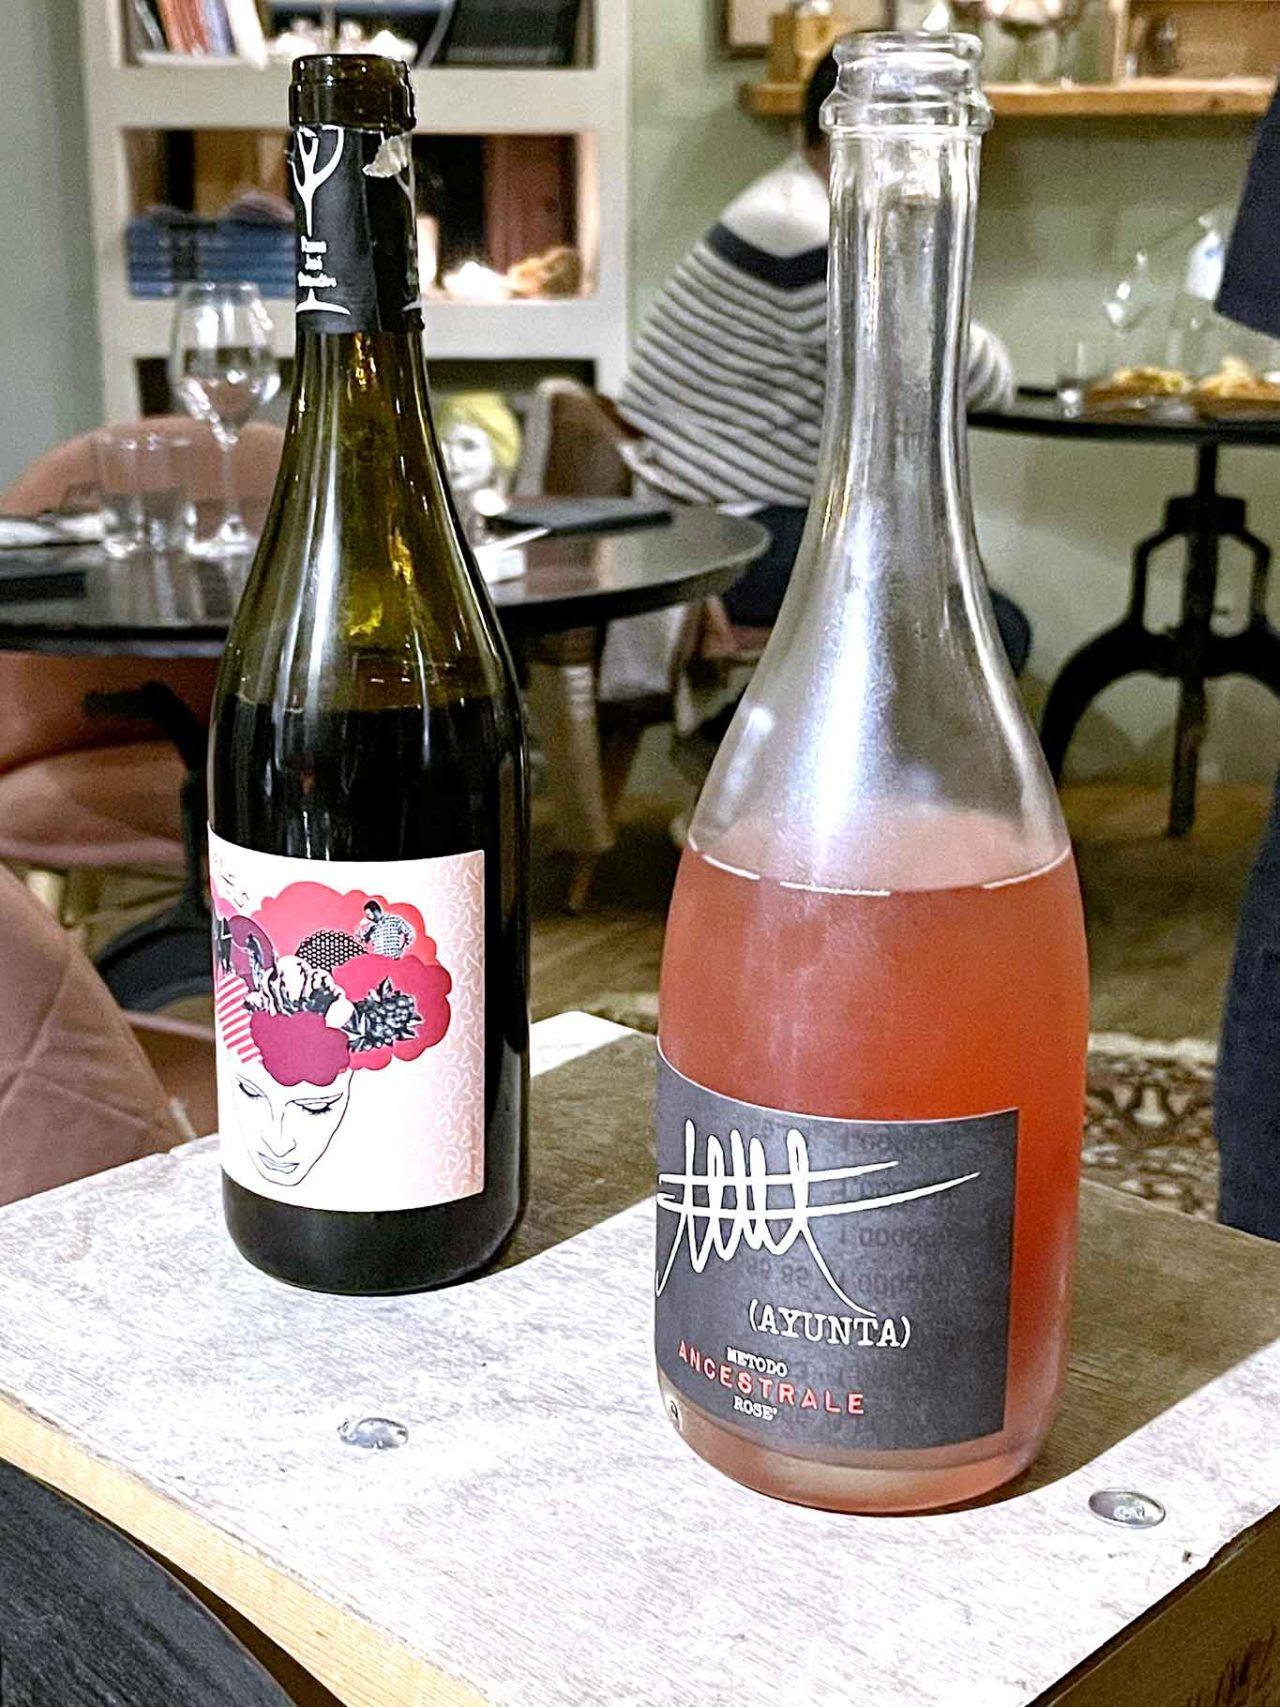 vino spagnolo e vino siciliano